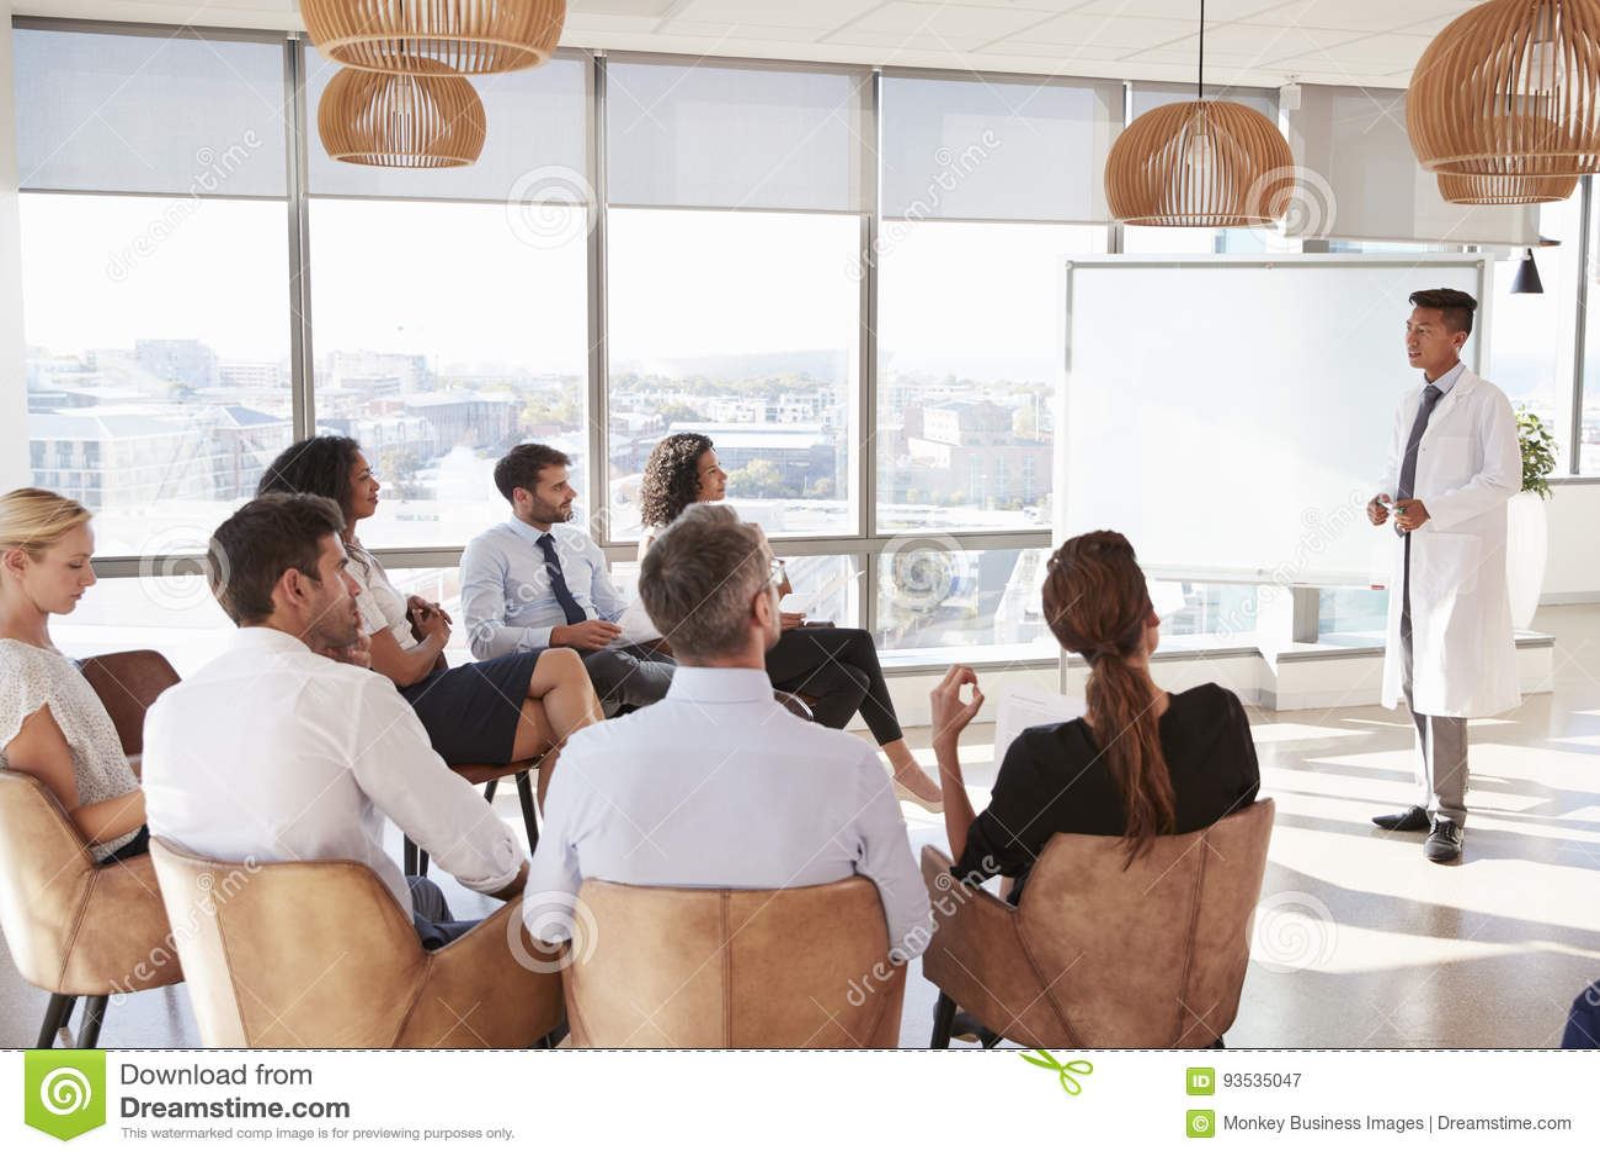 Medicinsk personal för doktor Making Presentation To i sjukhus